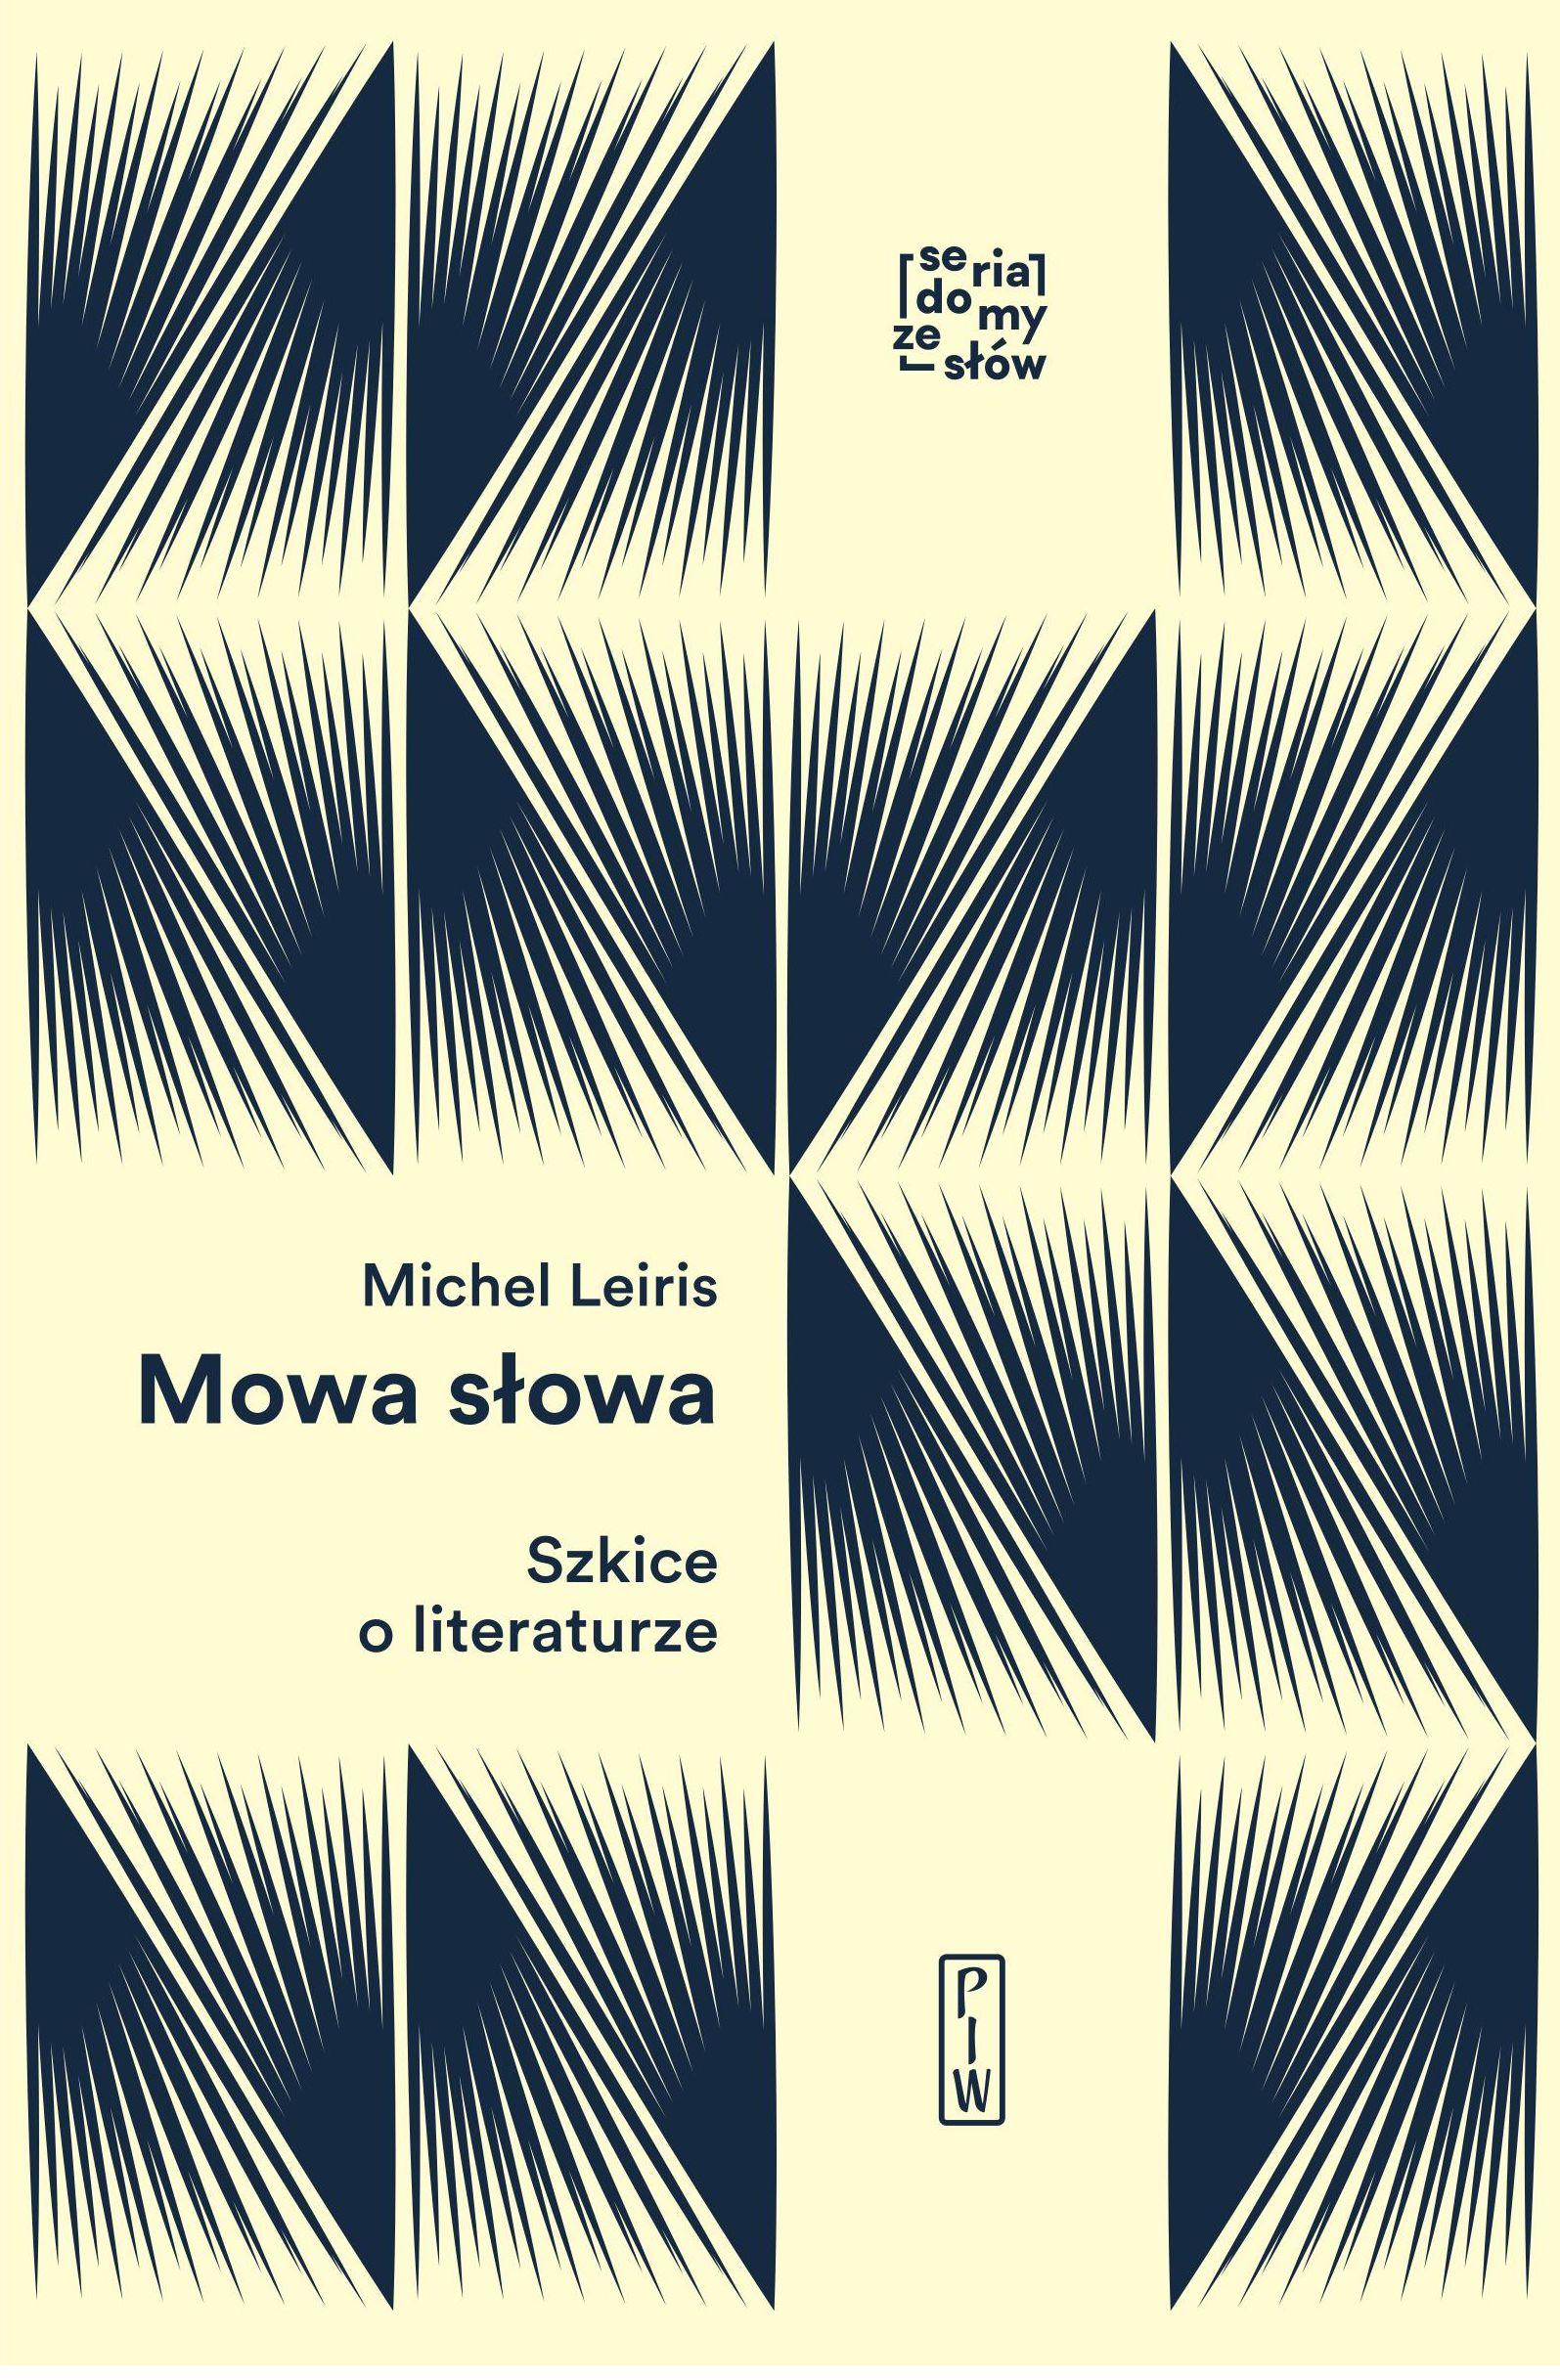 """Michel Leiris, """"Mowa słowa. Szkice o literaturze"""", Państwowy Instytut Wydawniczy, 2018 (źródło: materiały prasowe organizatora)"""